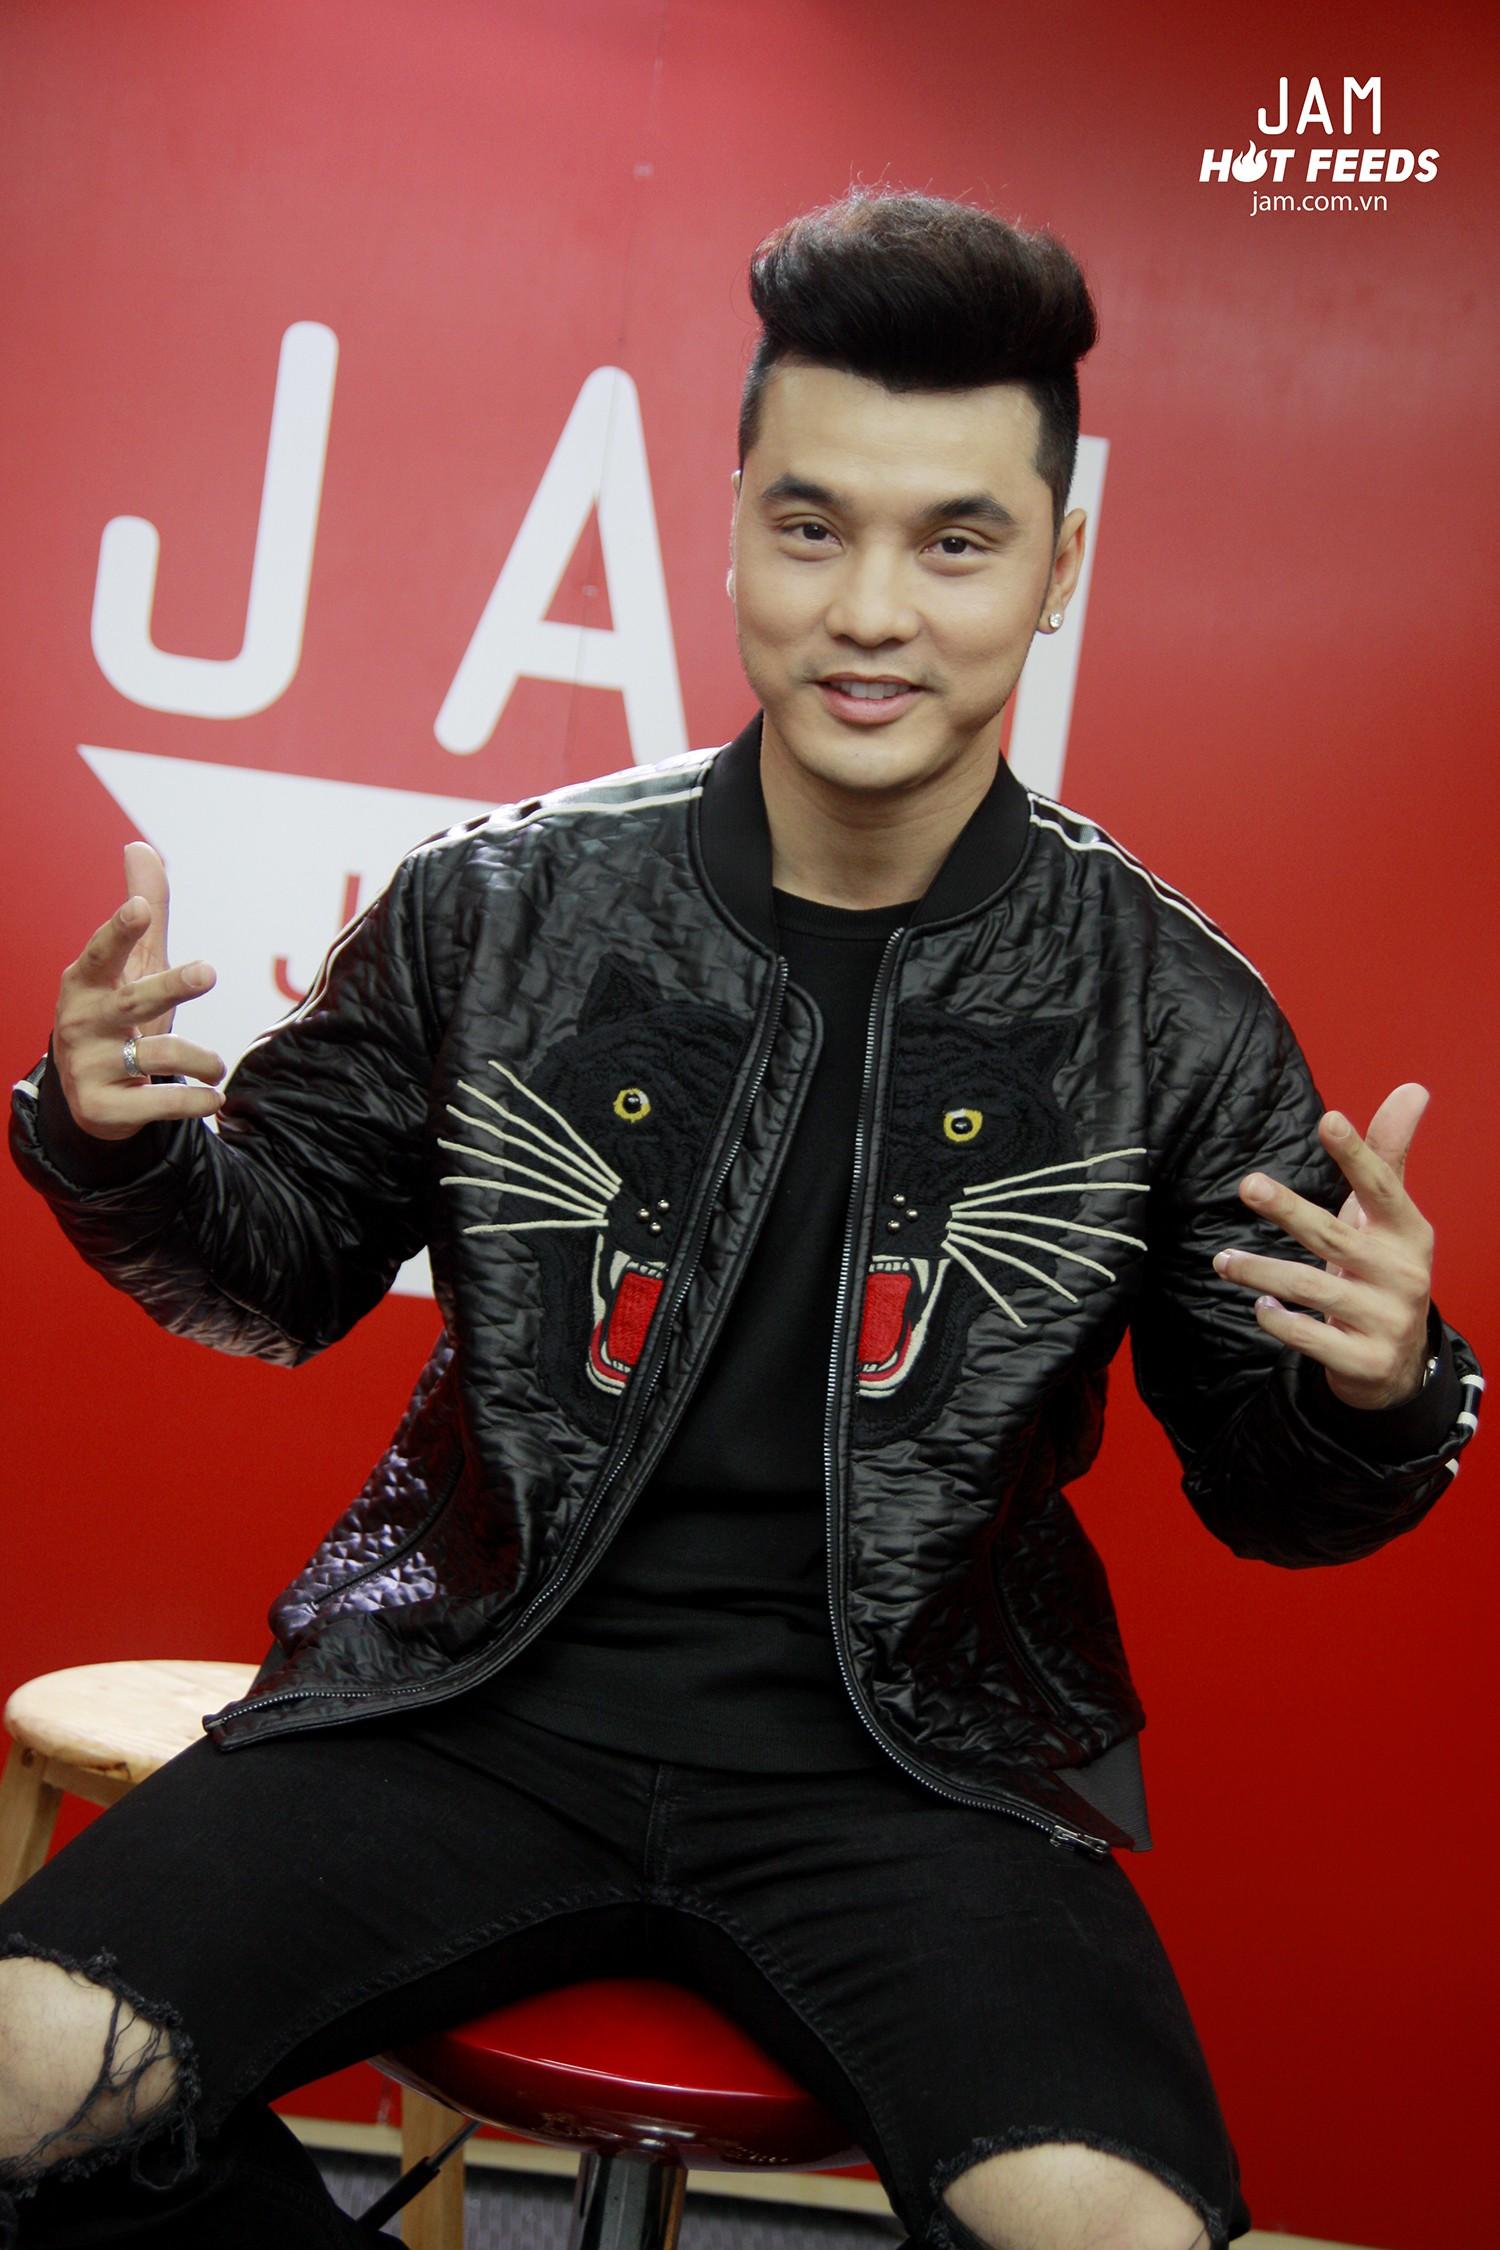 Ưng Hoàng Phúc nói về Quang Huy: Chỉ chúng tôi gặp nhau mới có thể tạo nên làn sóng âm nhạc để khán giả nhớ tới tận bây giờ - Ảnh 1.